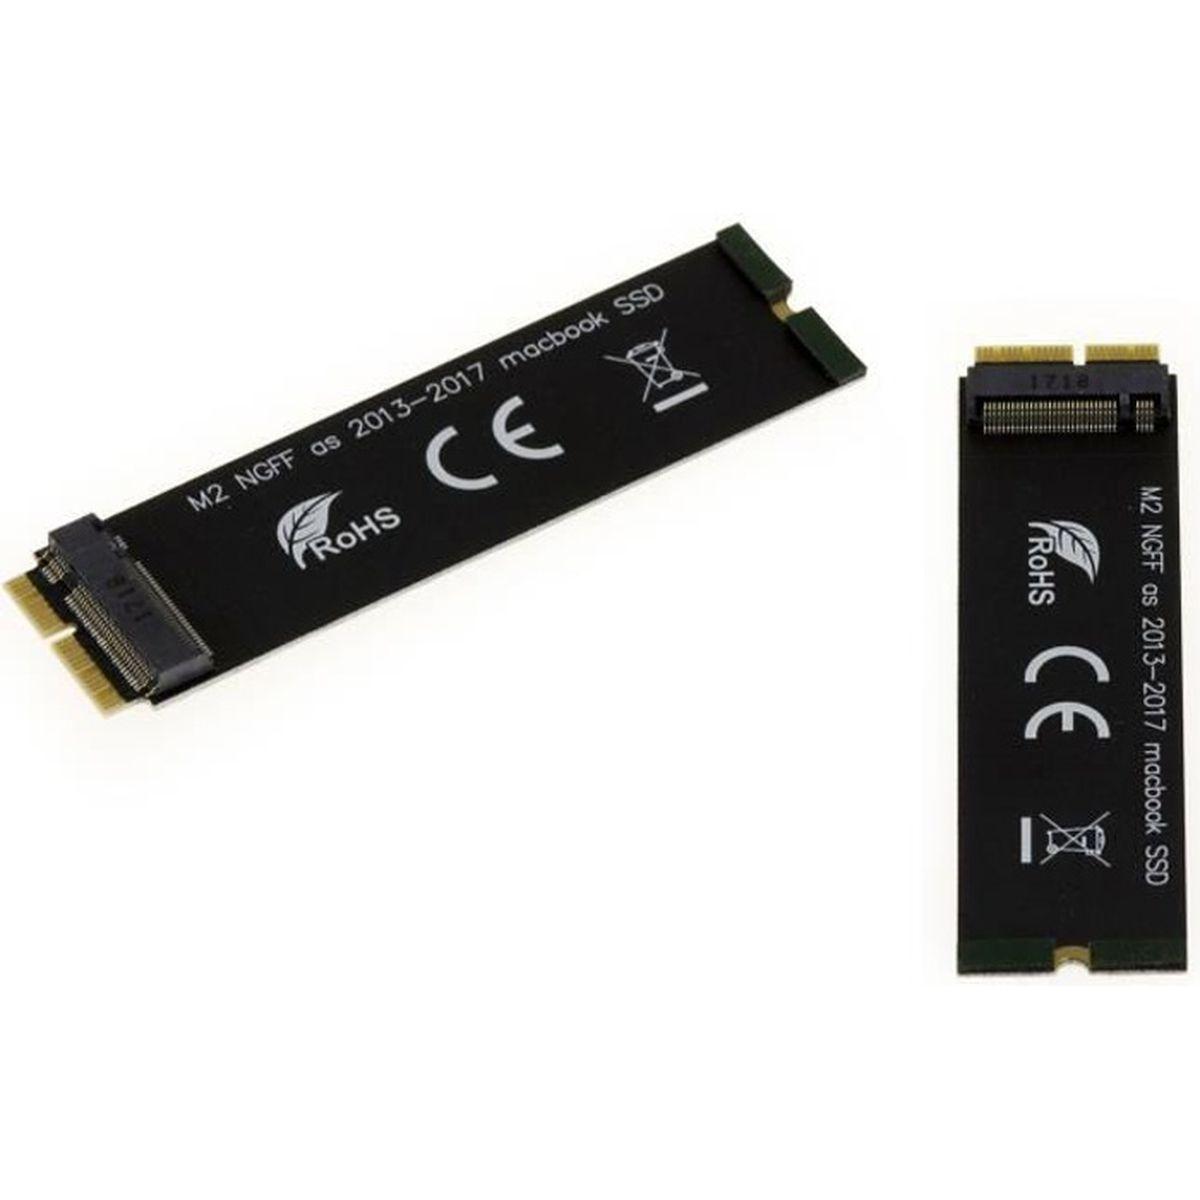 CARTE CONTROLEUR Adaptateur pour remplacer un SSD de Macbook Air ou